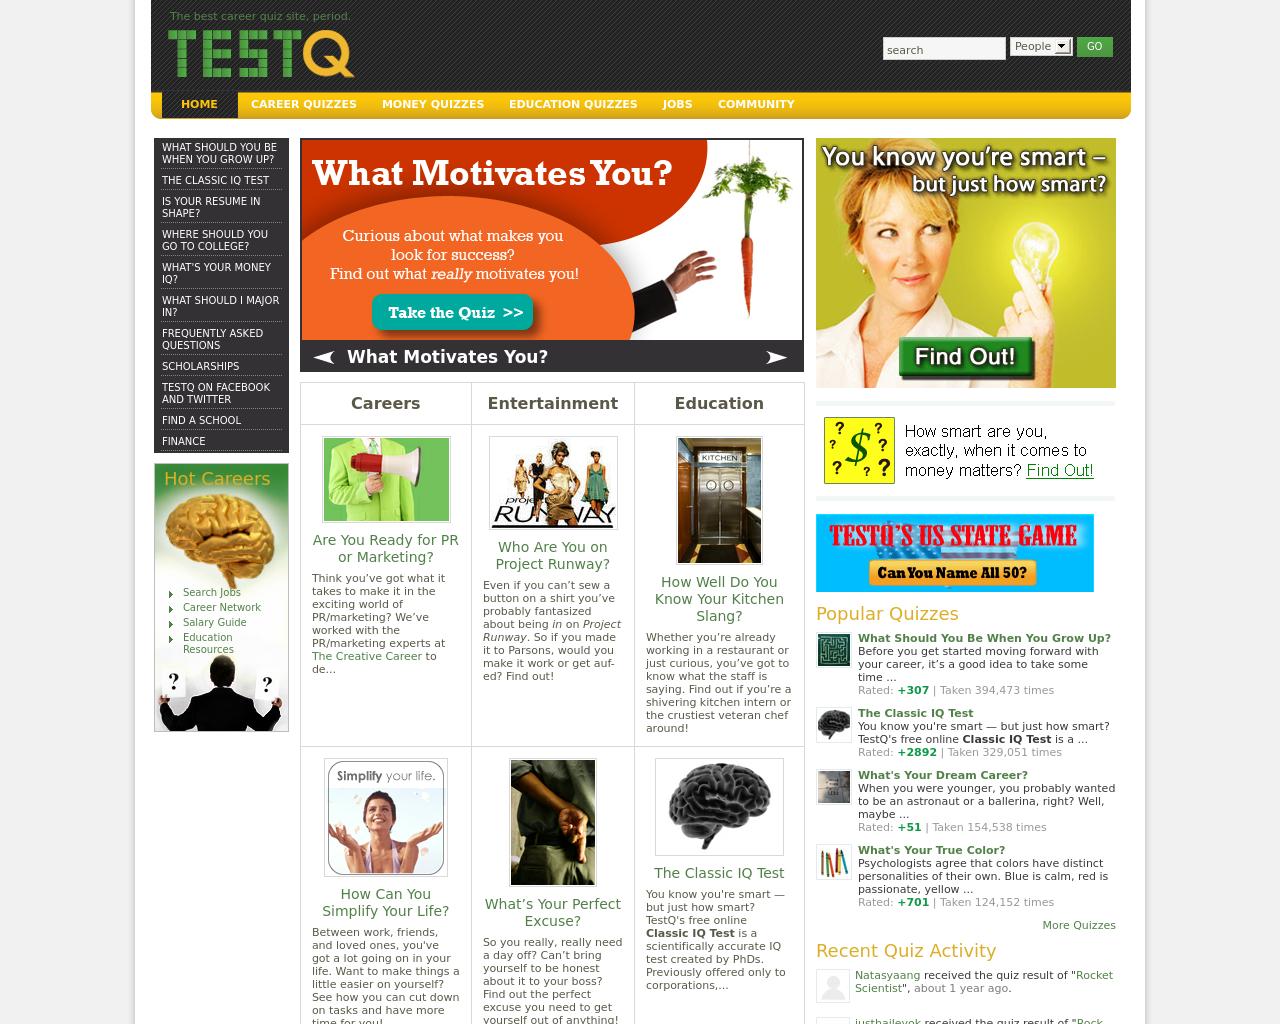 TestQ-Advertising-Reviews-Pricing